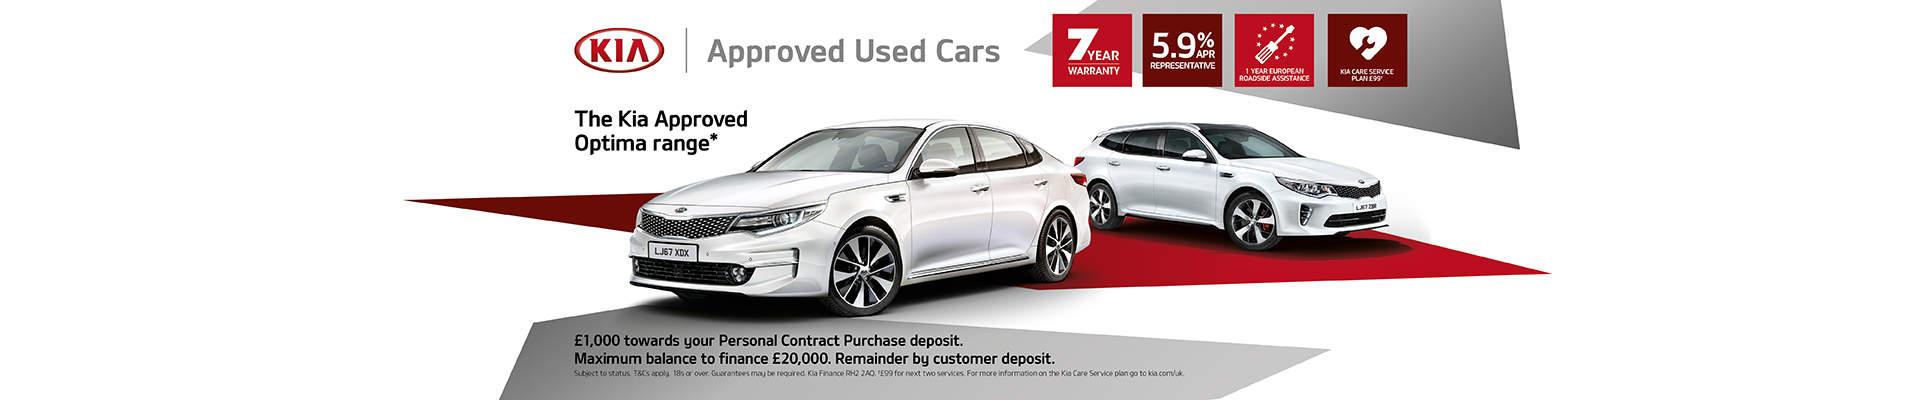 Used Cars Offers Kia Motors Uk